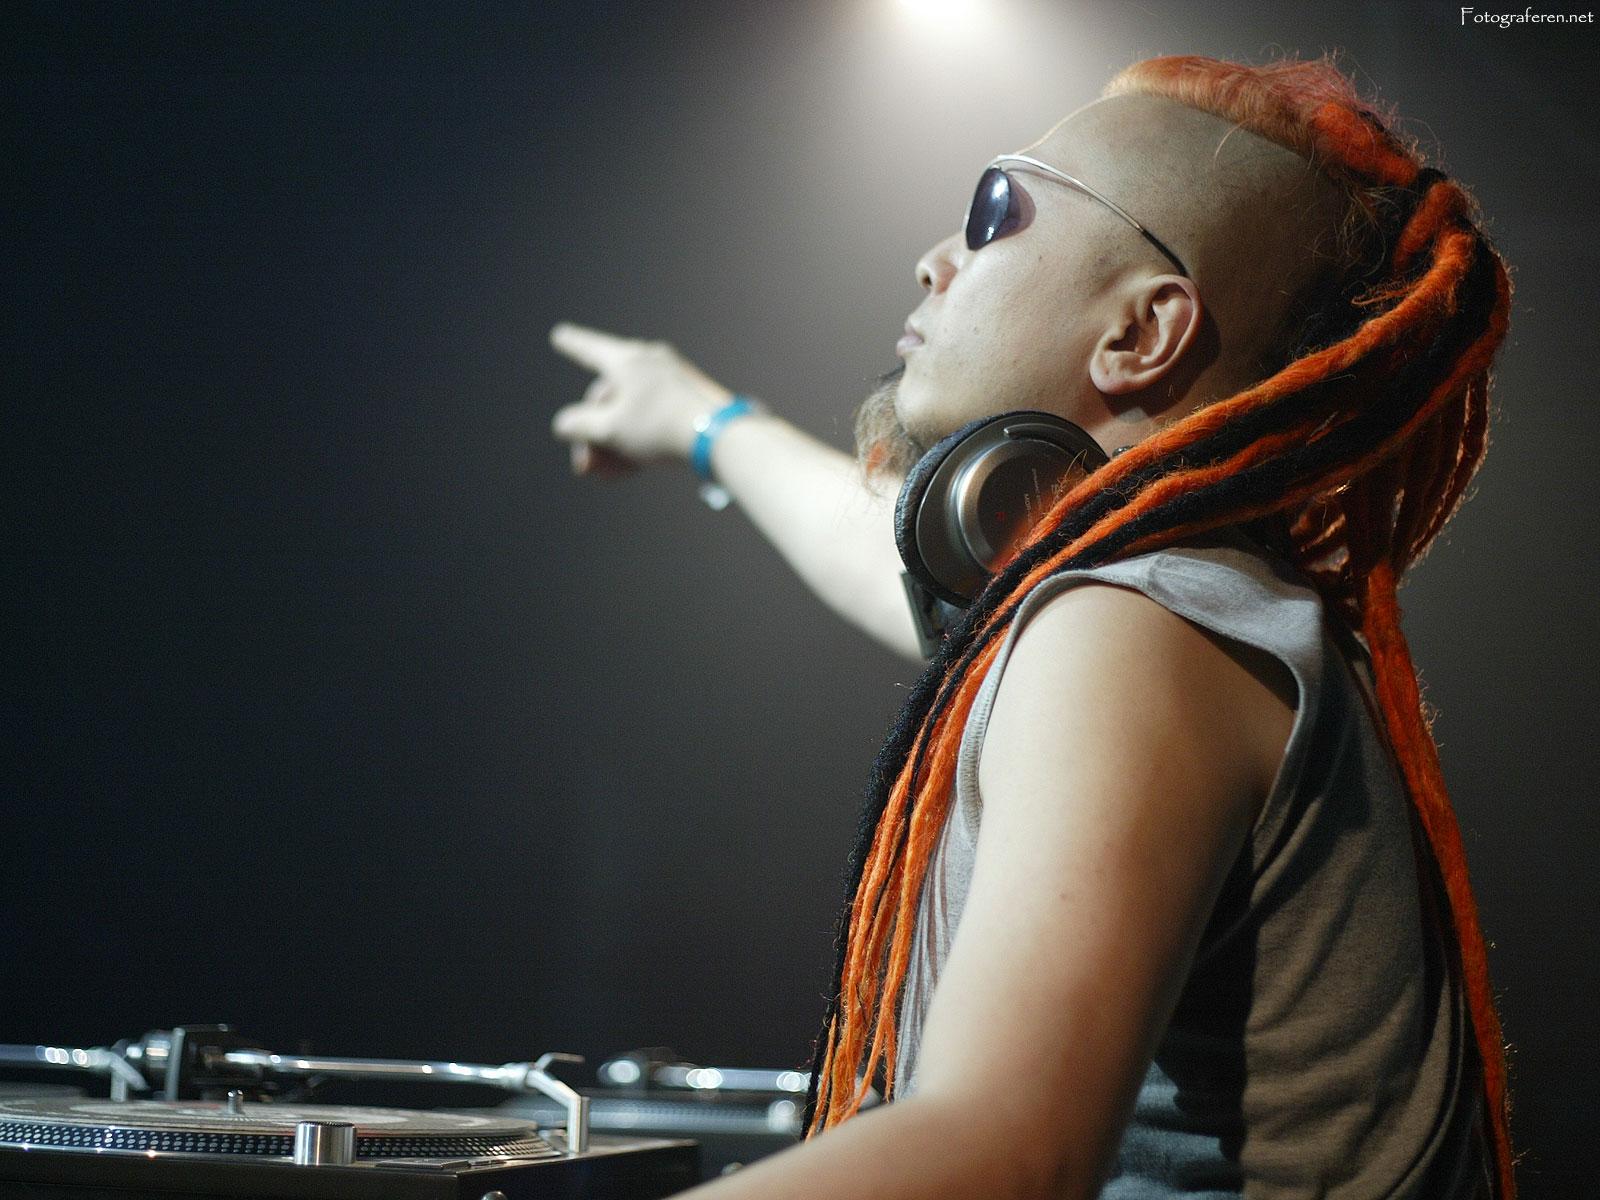 http://4.bp.blogspot.com/-7683bHCFTms/T1CmLwCyklI/AAAAAAAAAe0/QbZHDaQiJQg/s1600/DJ_Sammy.jpg